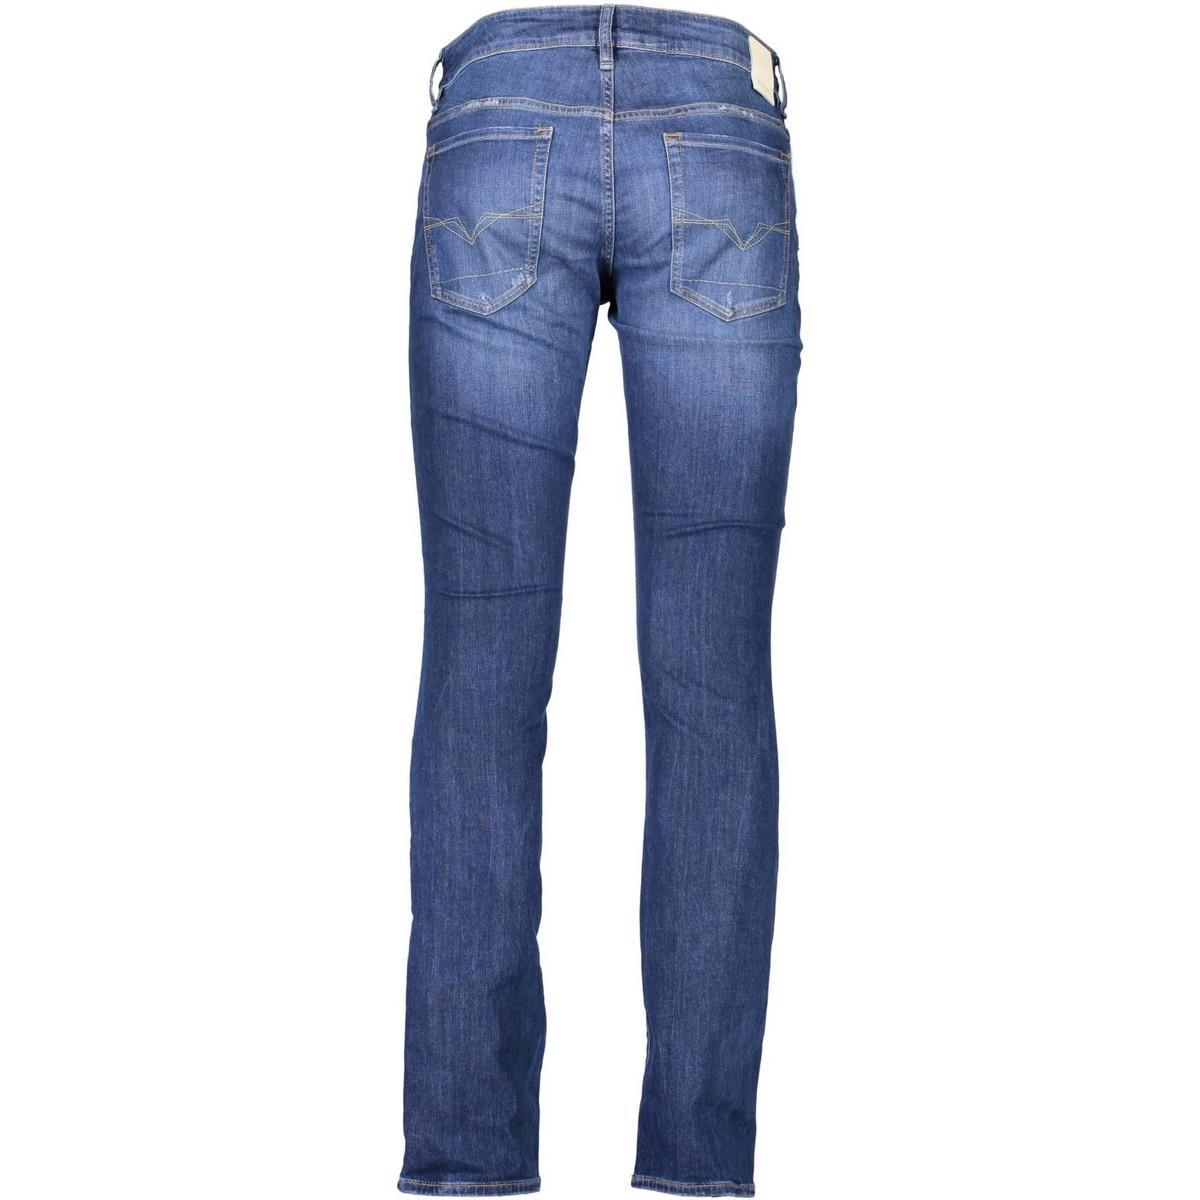 Guess Denim Straight Jeans M74an2d2rh0 in het Blauw voor heren